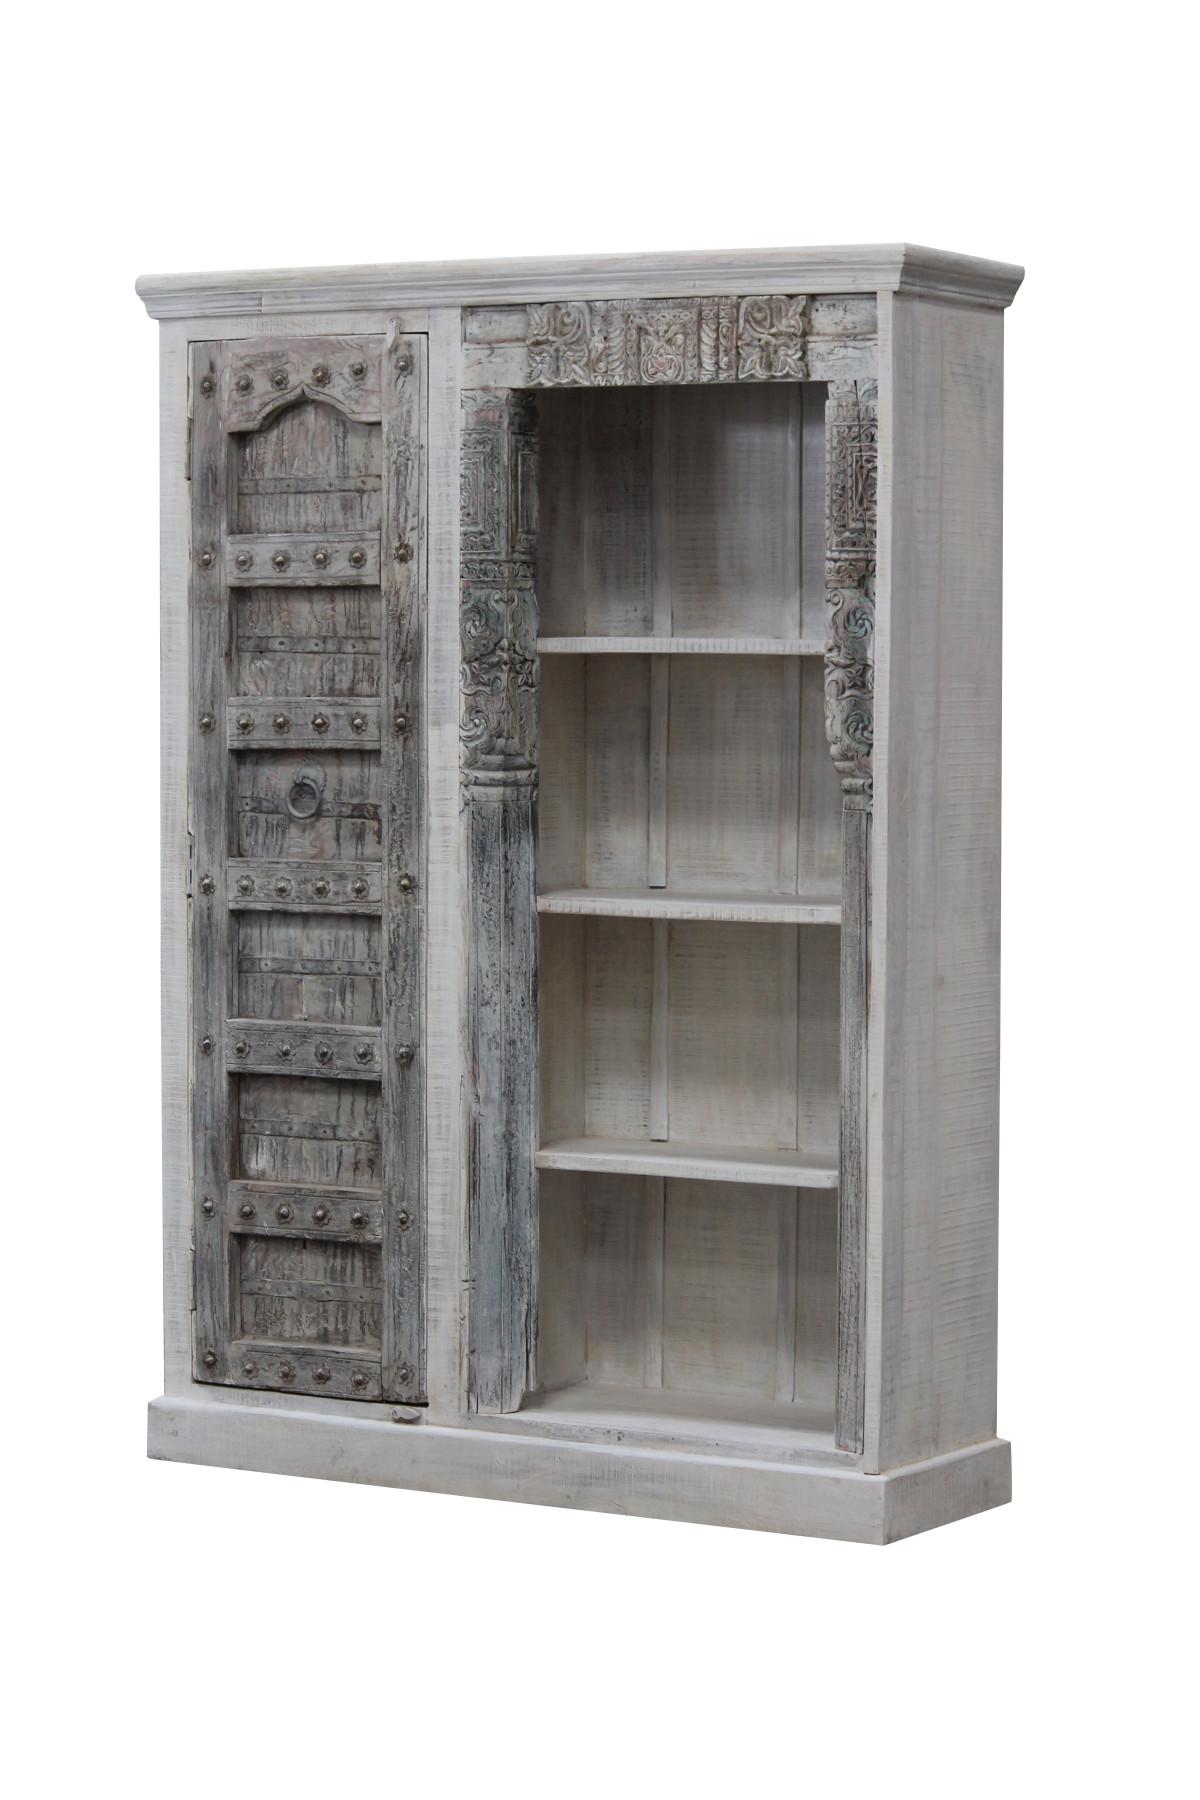 Meuble bibliothèque ancienne porte en bois. Inde 1